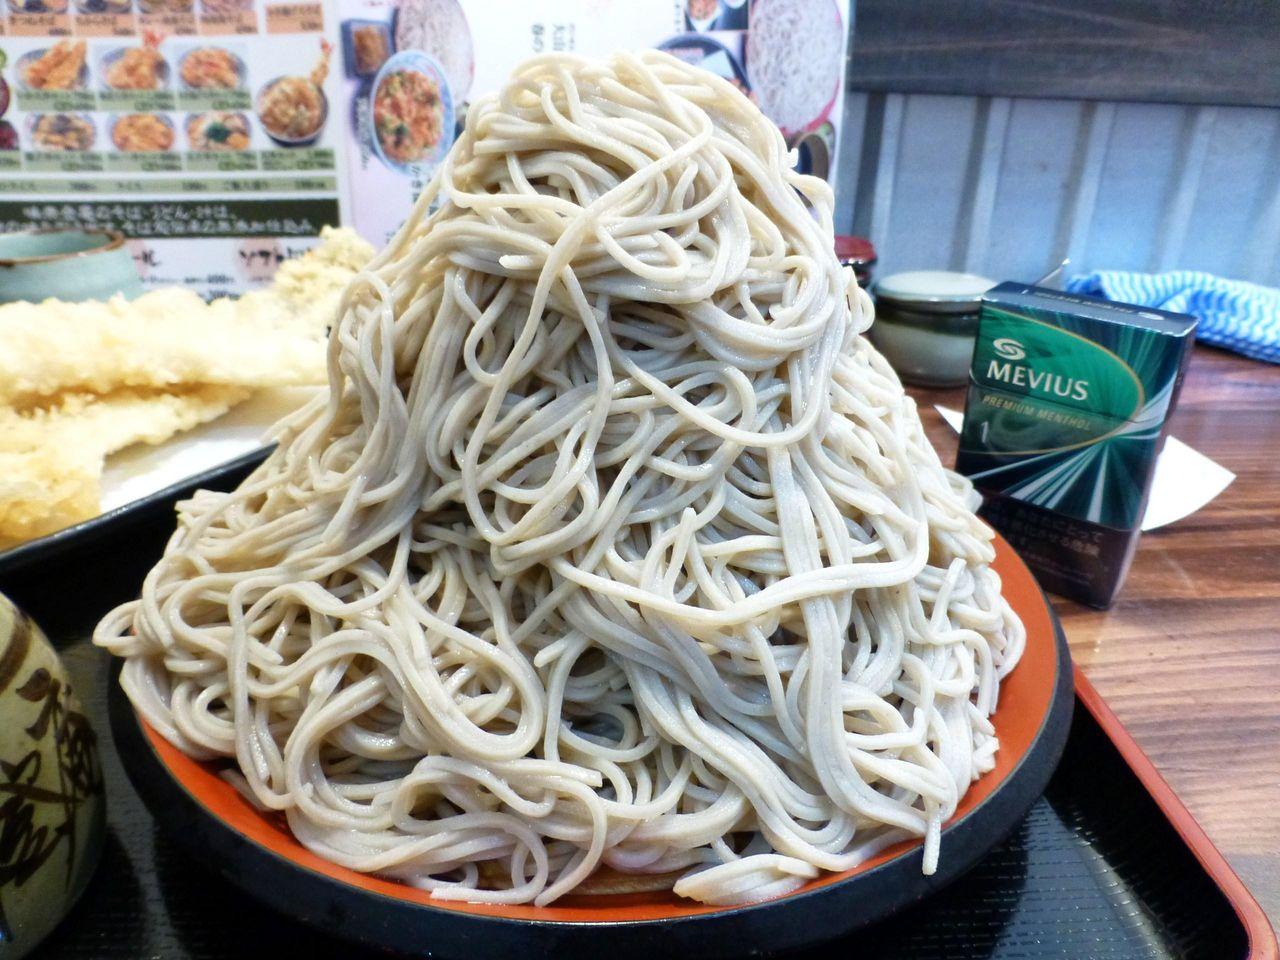 重さ1キロの富士山盛りが500円!コスパは最強です!